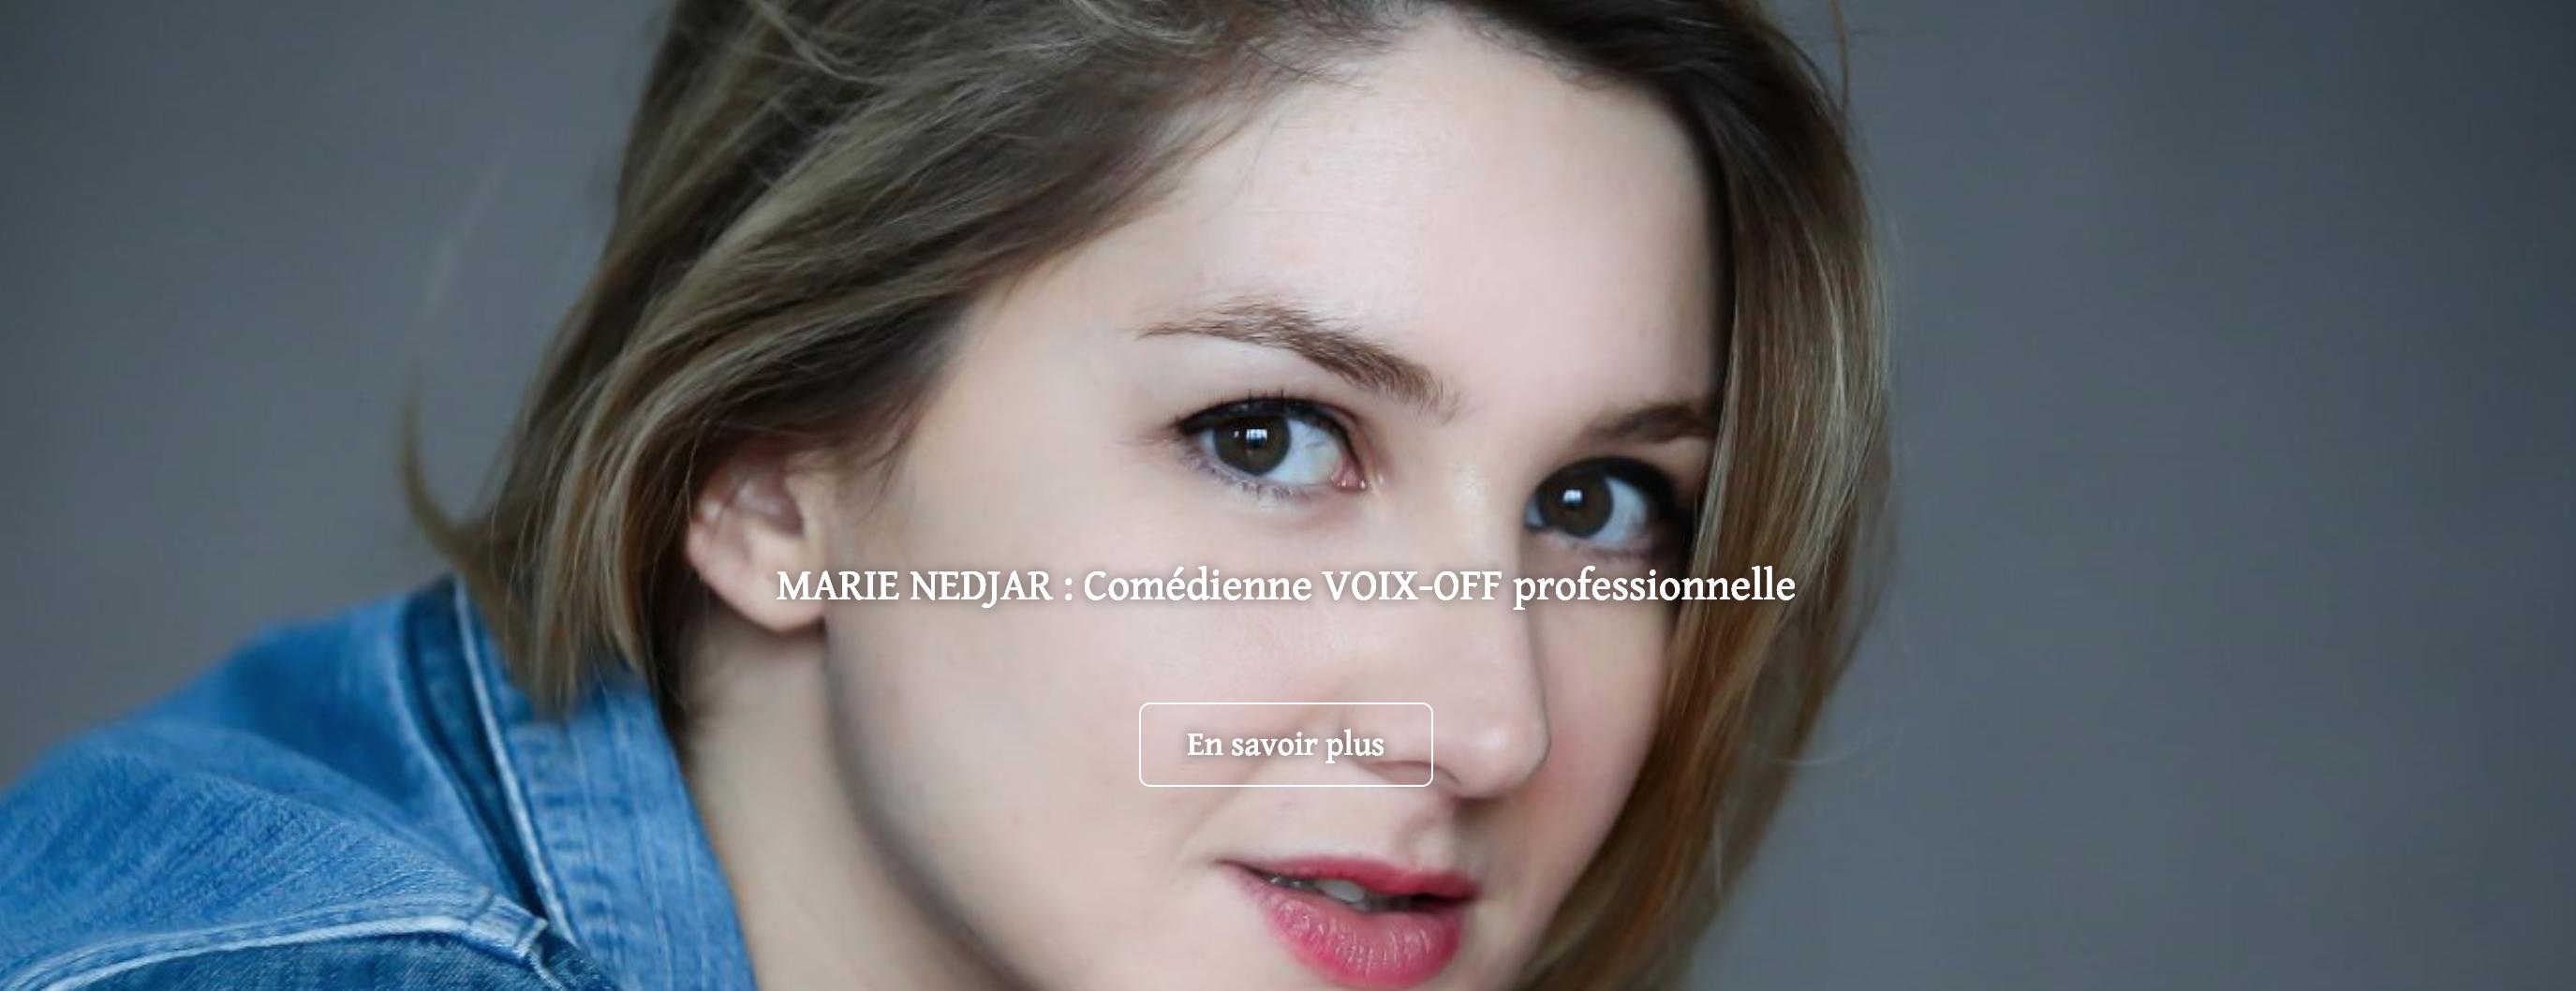 comédienne professionnelle voix off, voix off femme paris